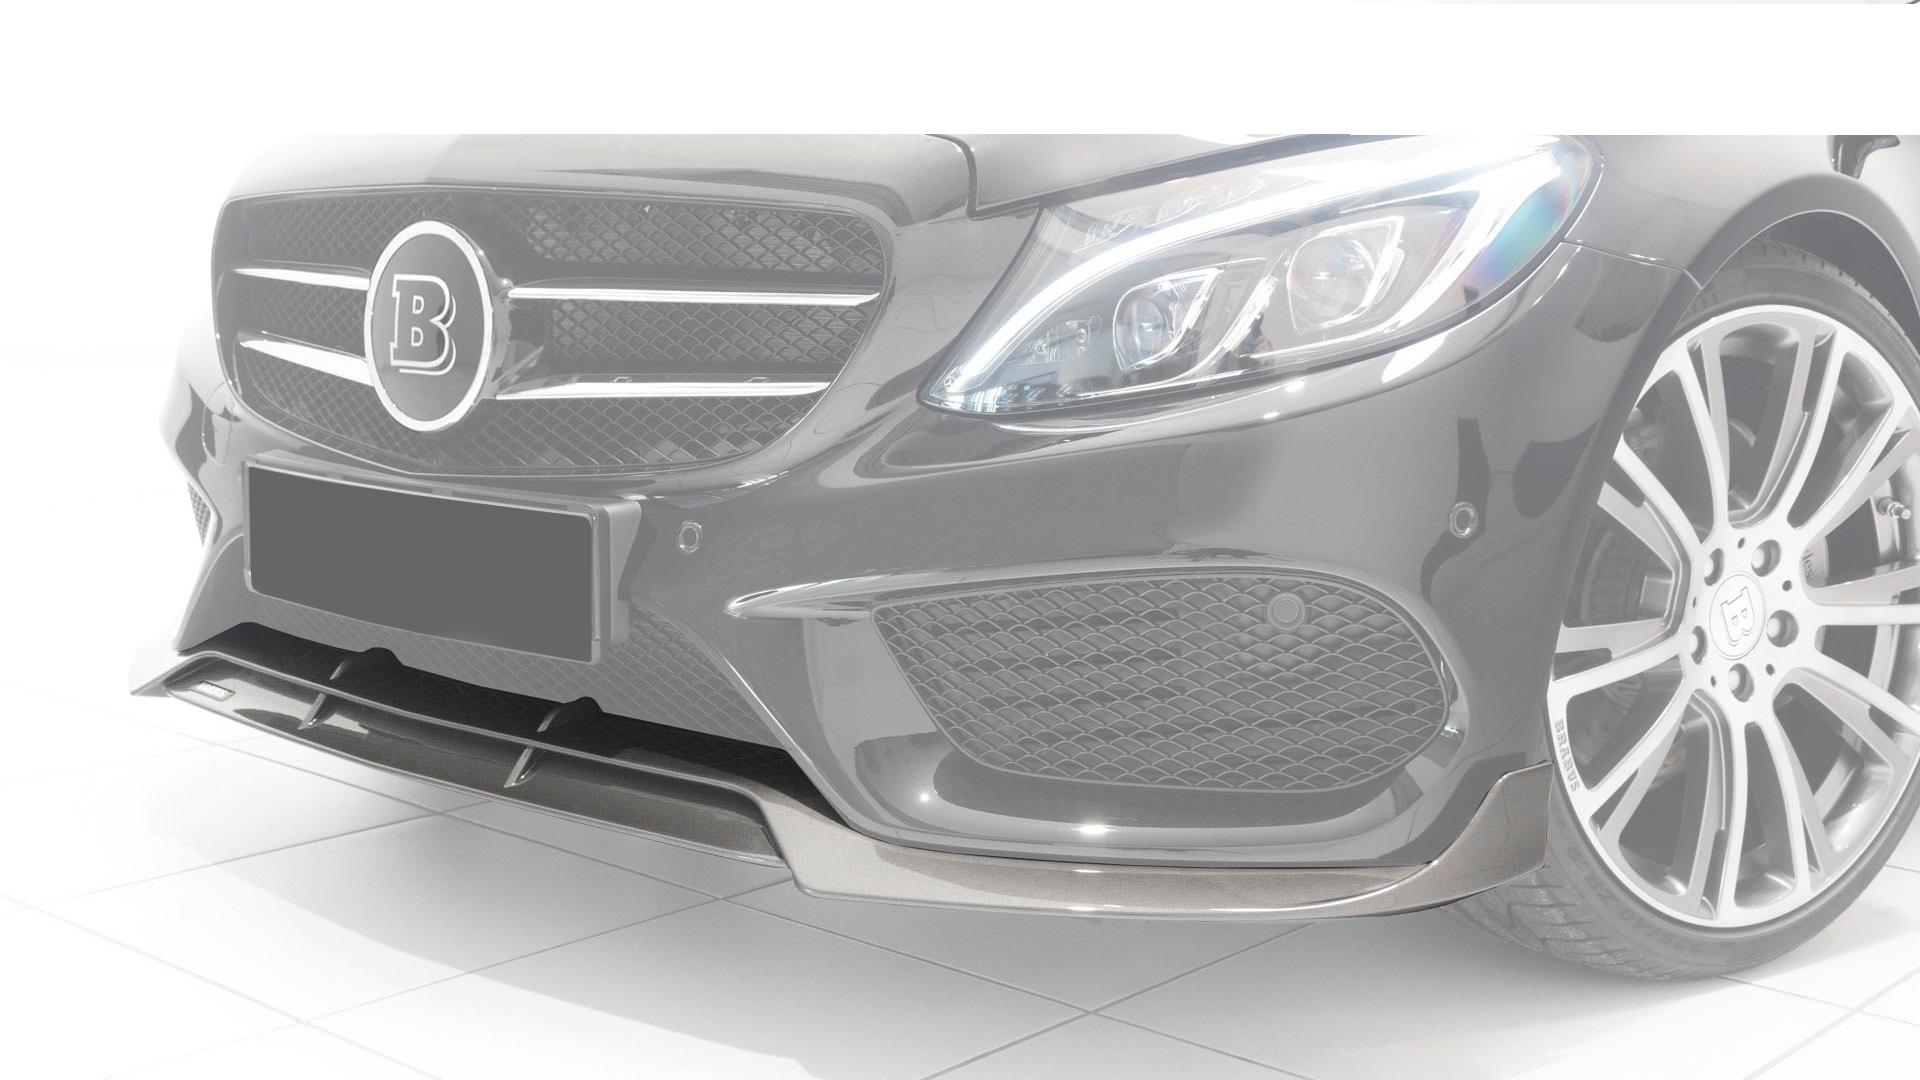 Карбоновый cпойлер переднего бампера Brabus Style AMG Sport для Mercedes С-class W205